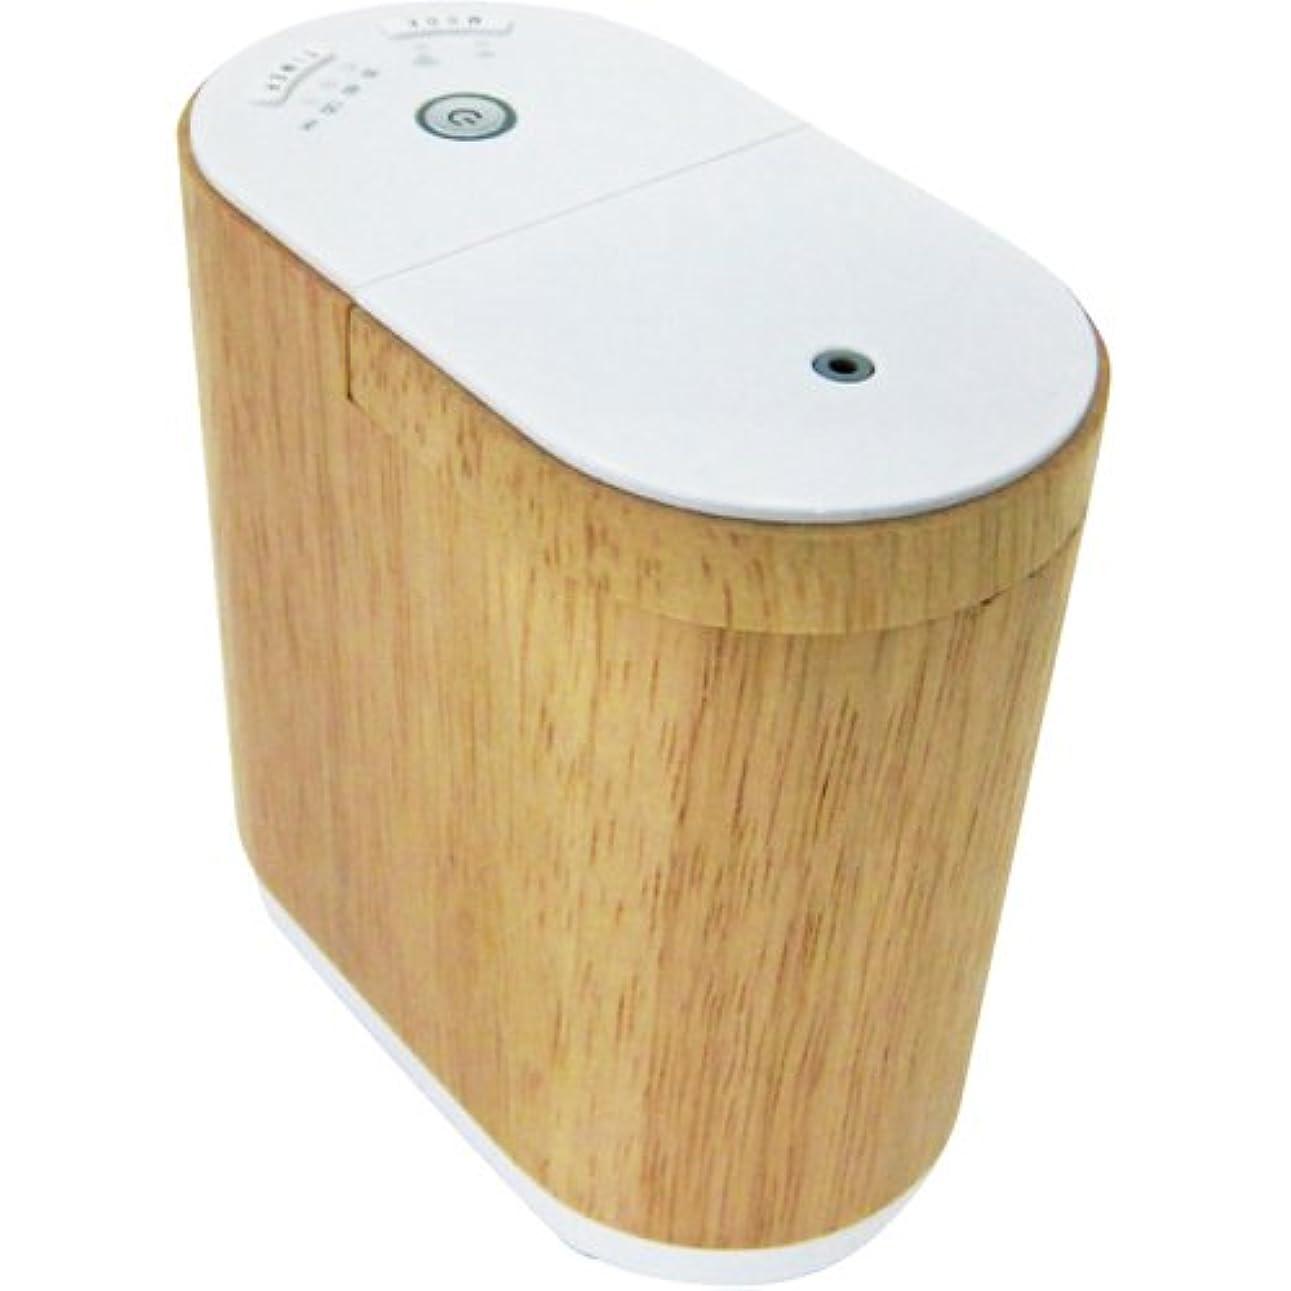 首ファランクスメジャー生活の木 アロマディフューザー(ウッド)エッセンシャルオイルディフューザー aromore(アロモア) 08-801-6010